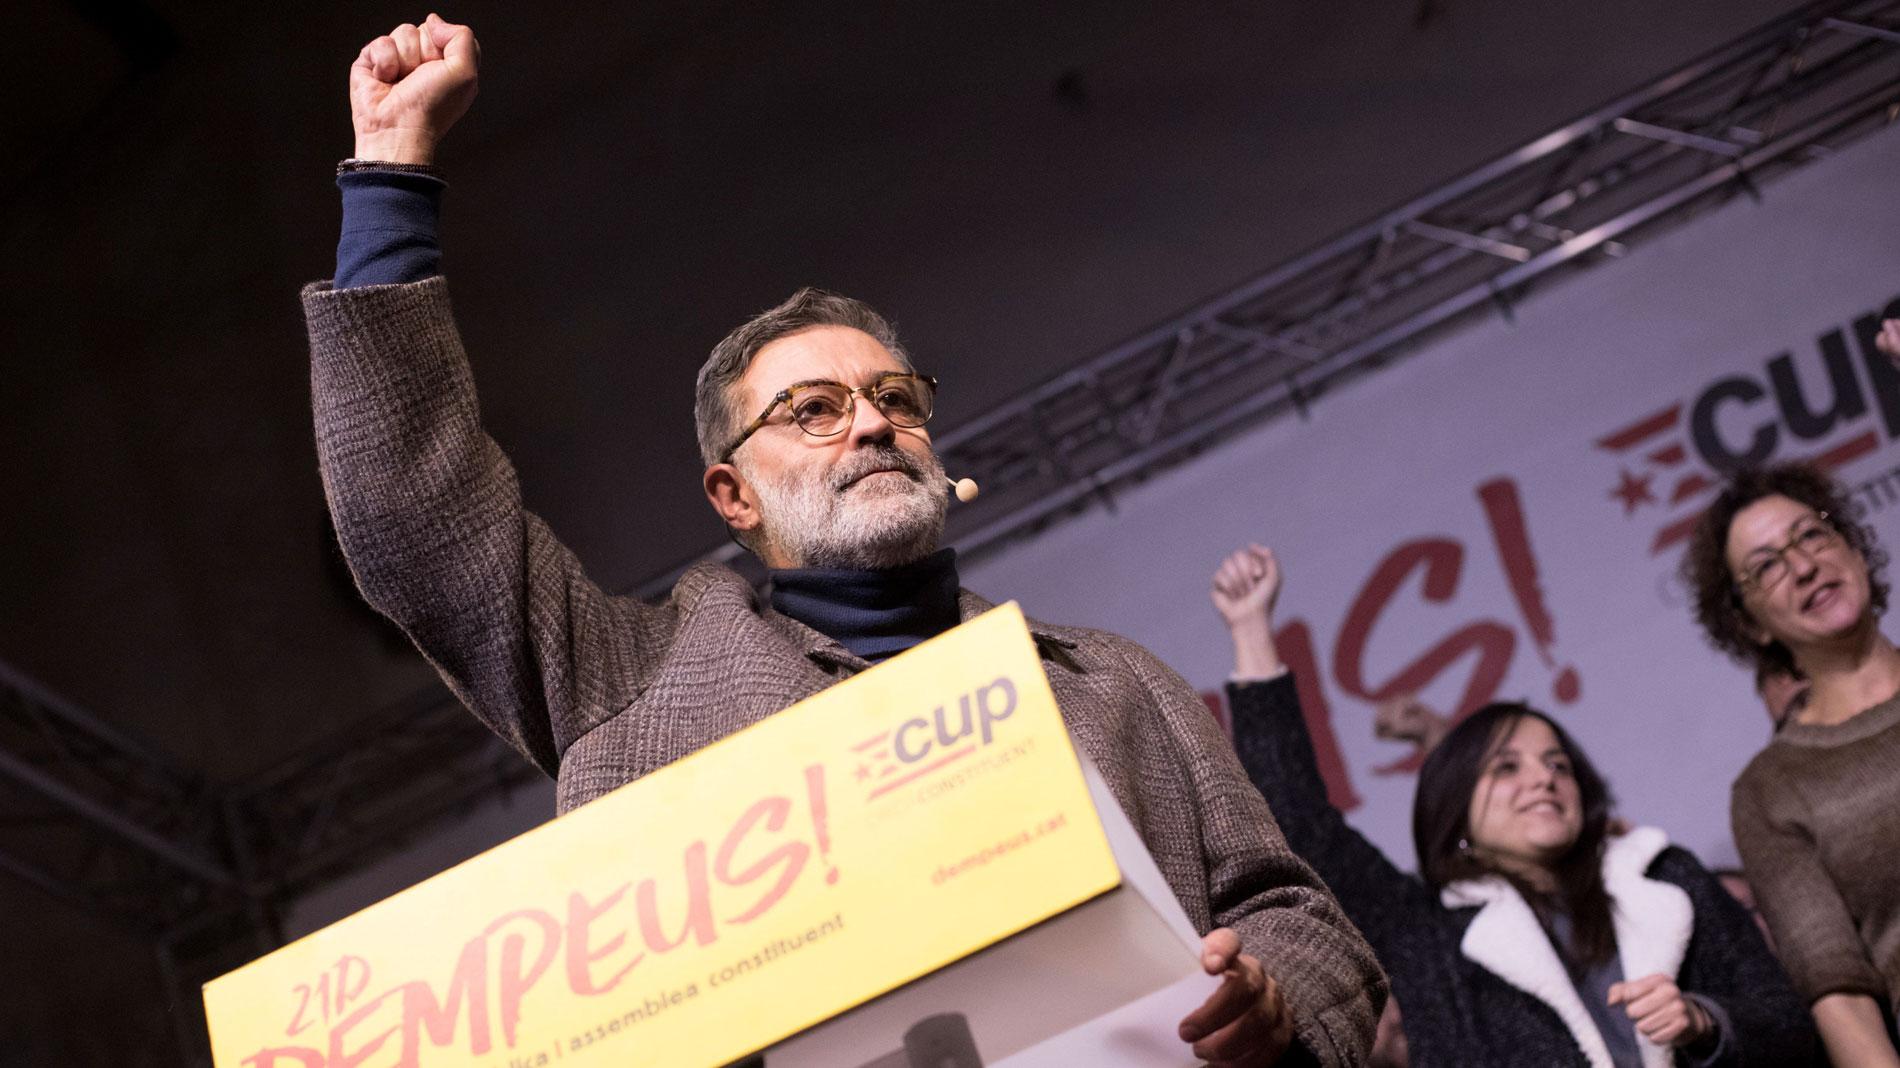 """Carles Riera (CUP) celebra una """"mayoría republicana y de izquierdas"""" en el independentismo tras el 21D"""